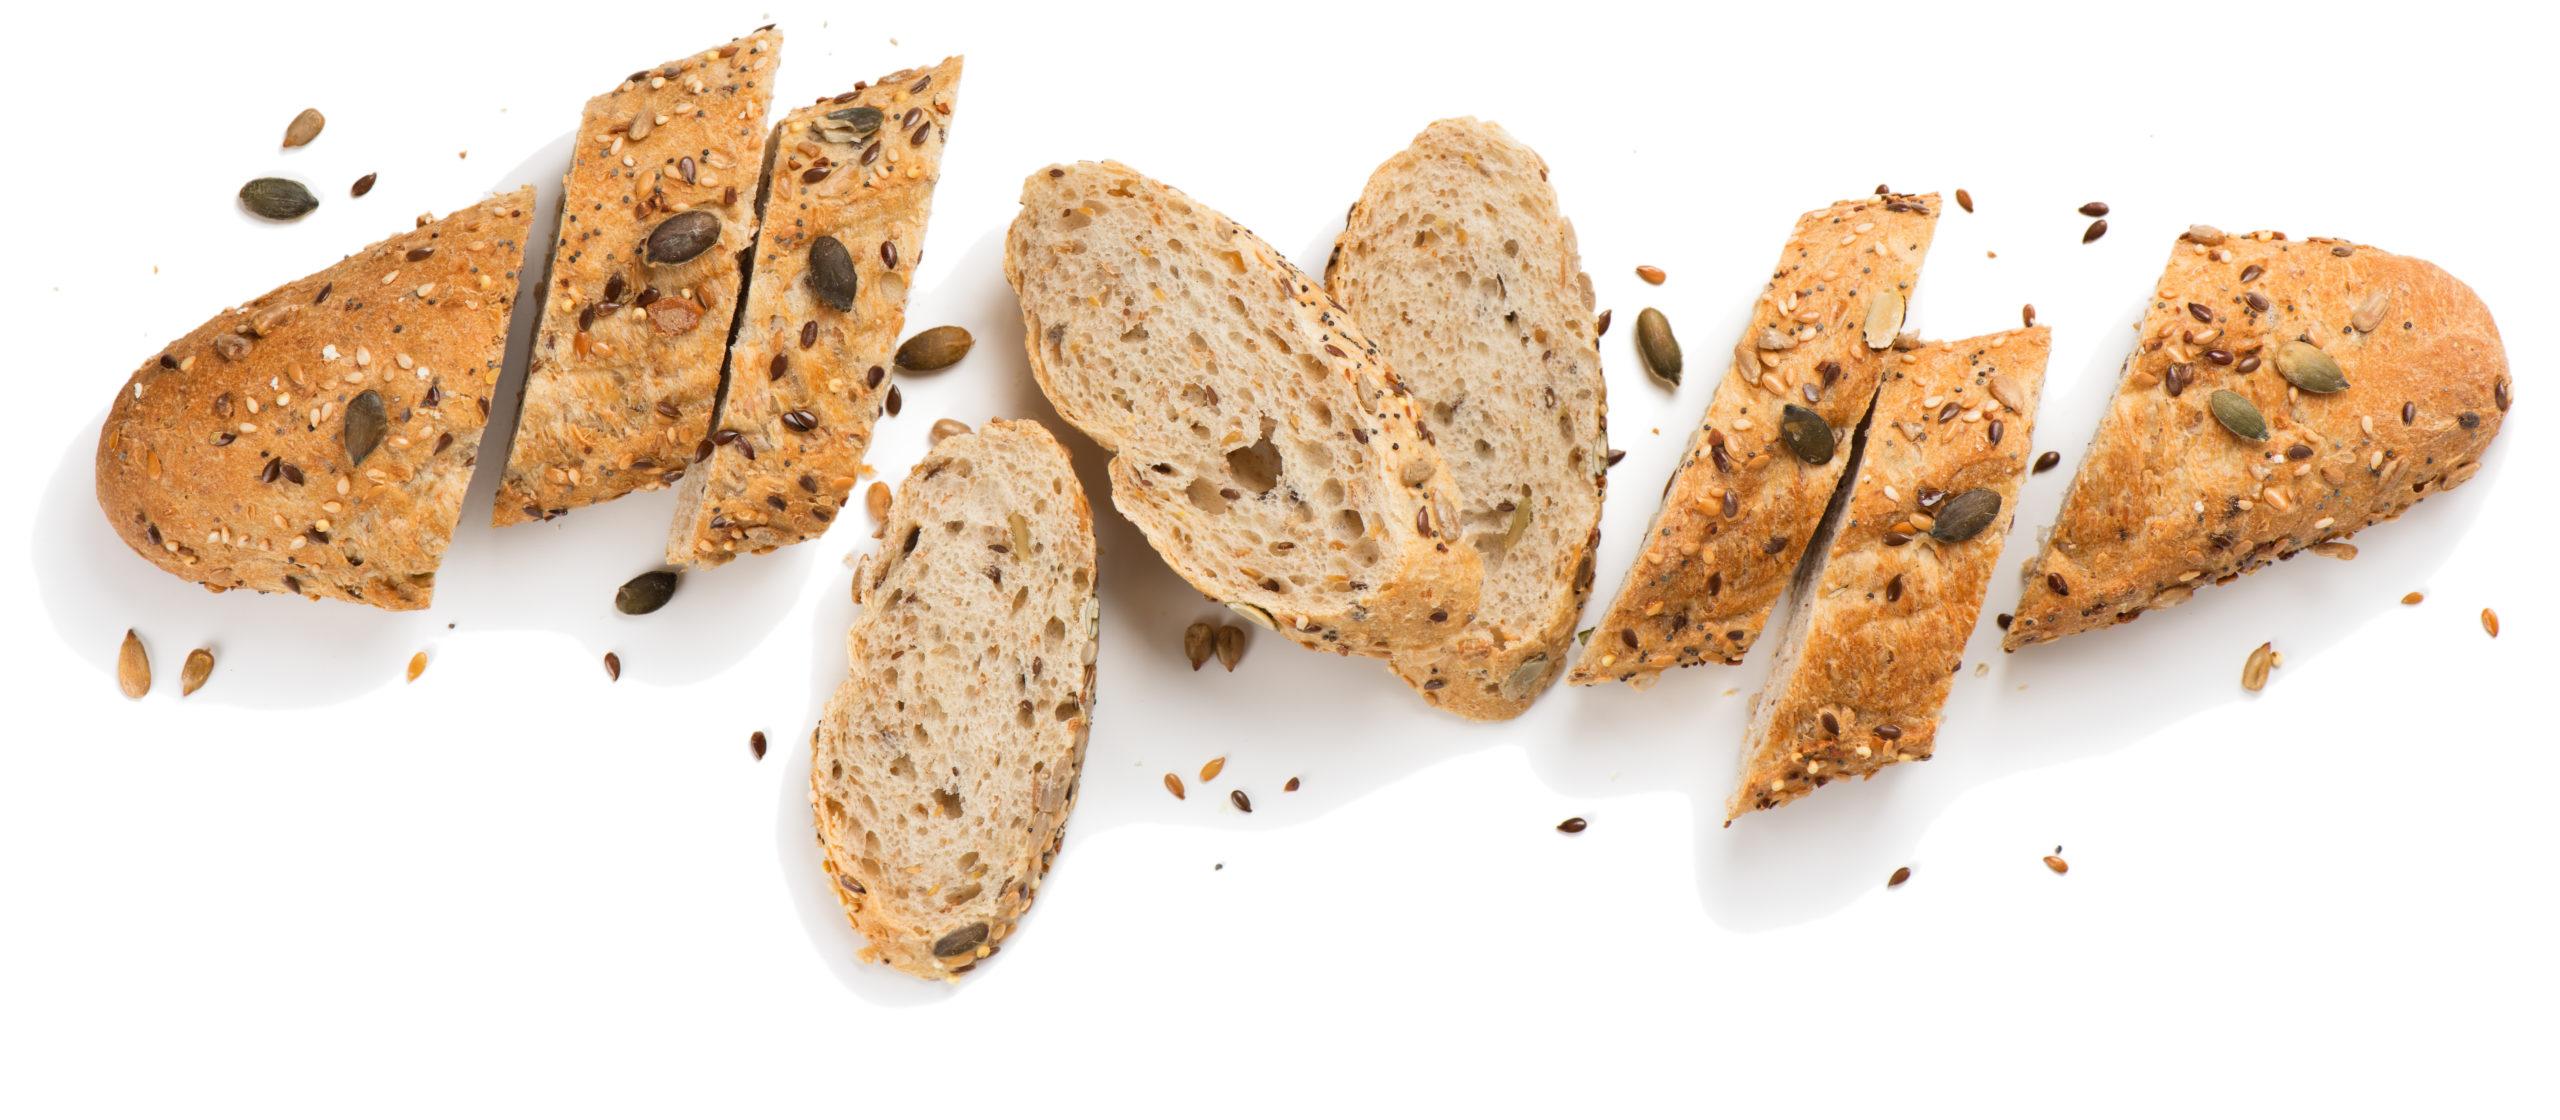 Hacer pan ecológico en casa